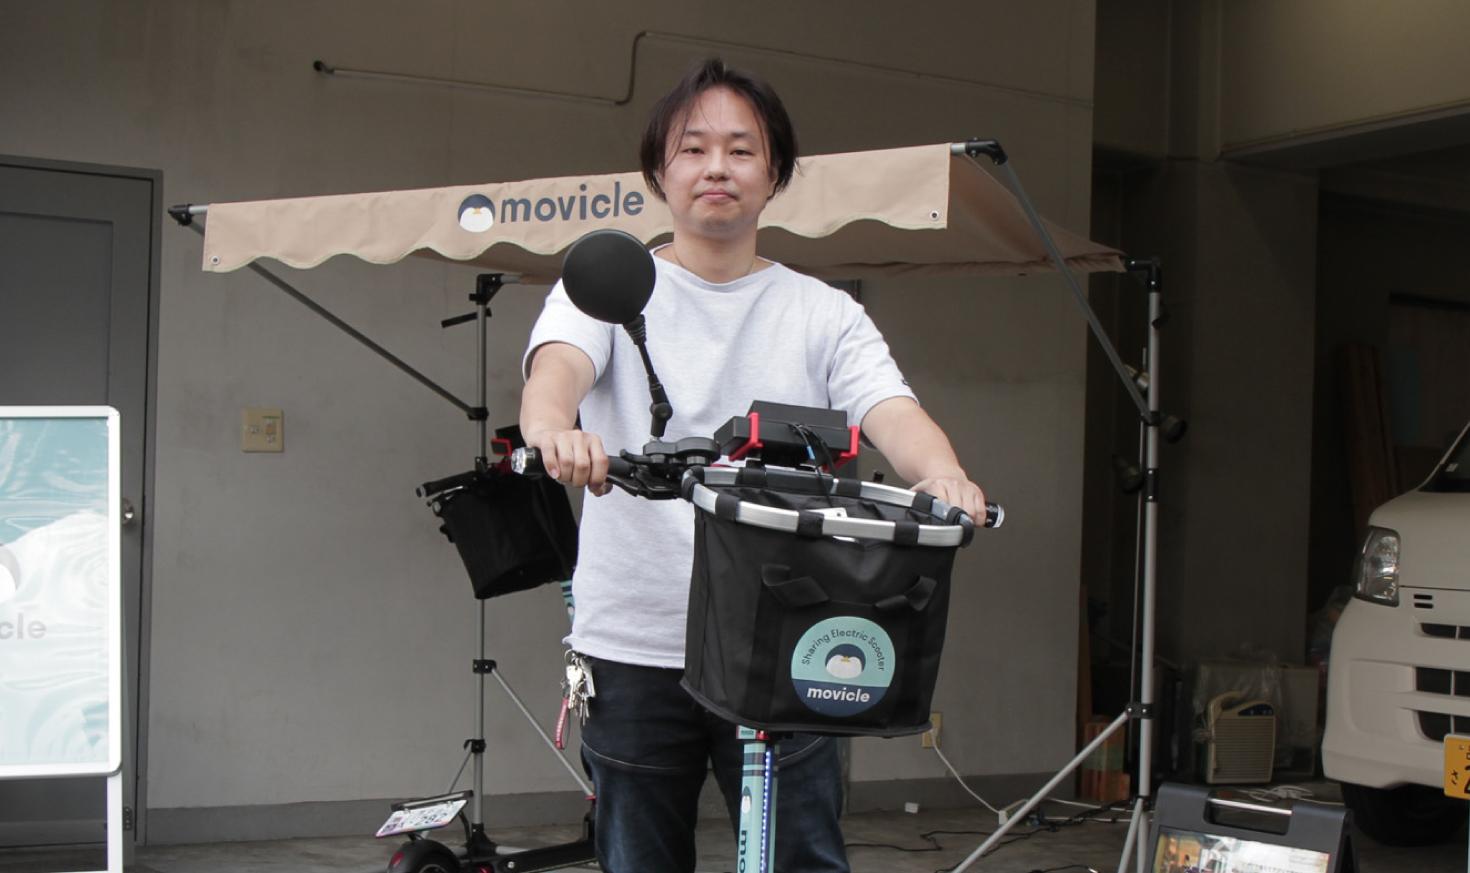 【試乗レポ】エンジニア集団が本気で手がける  電動キックスクーターシェアリング「movicle」